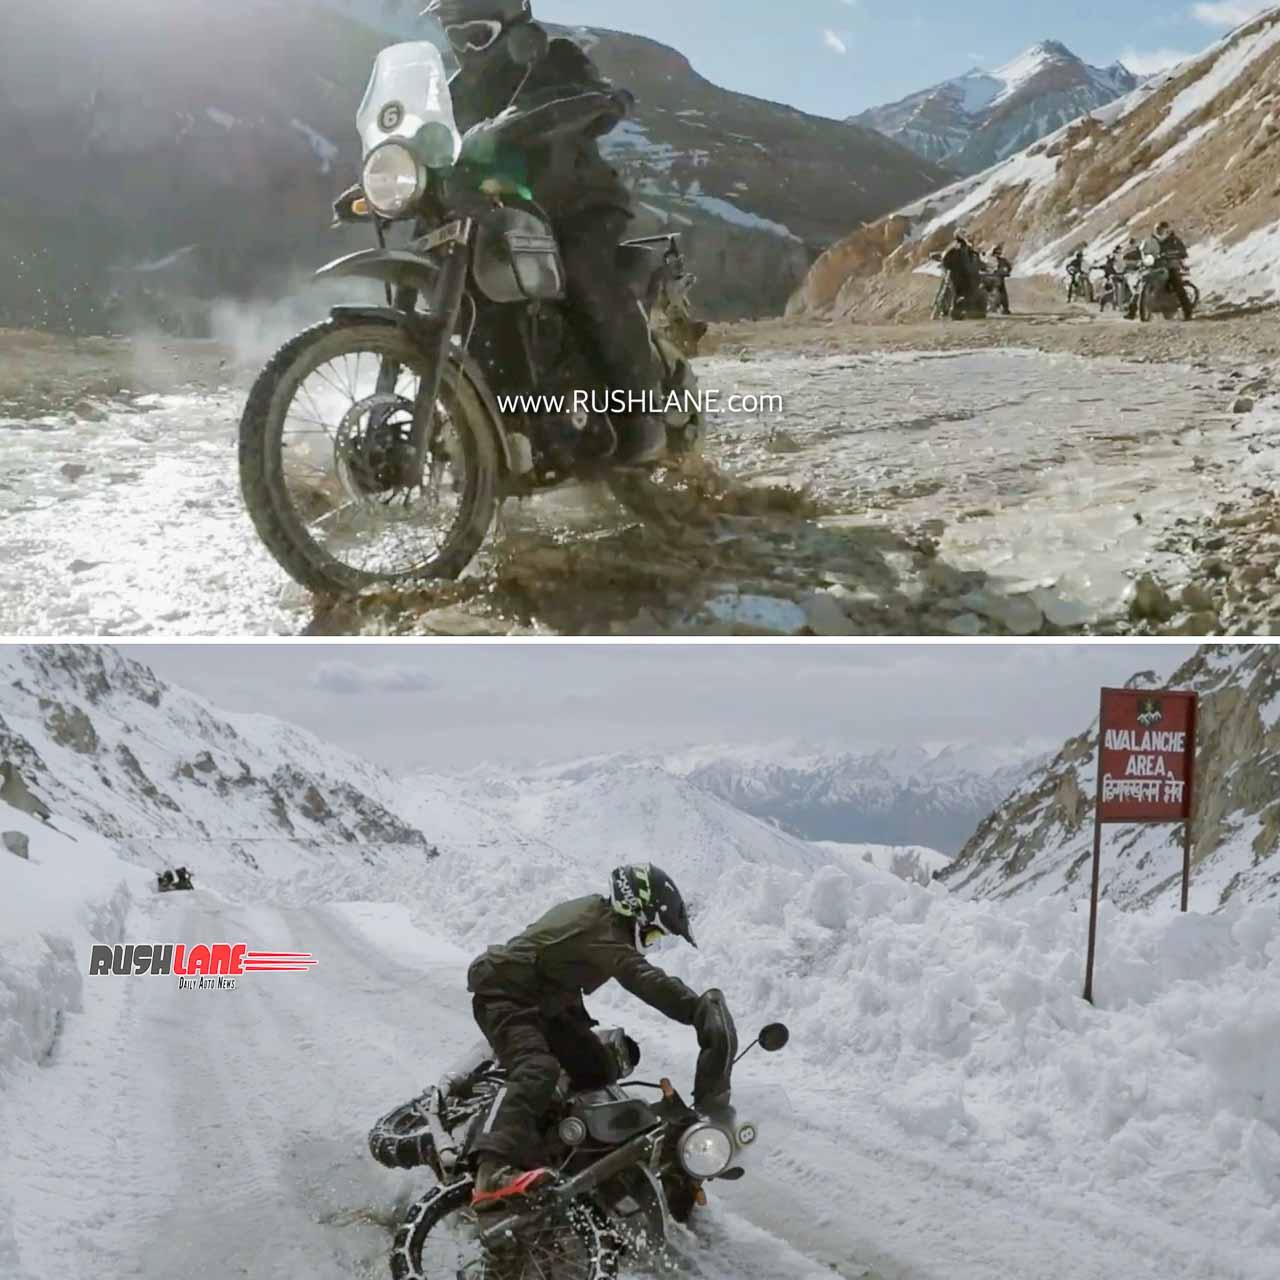 Indian Army rides RE Himalayan to Karakoram Pass near India-China border